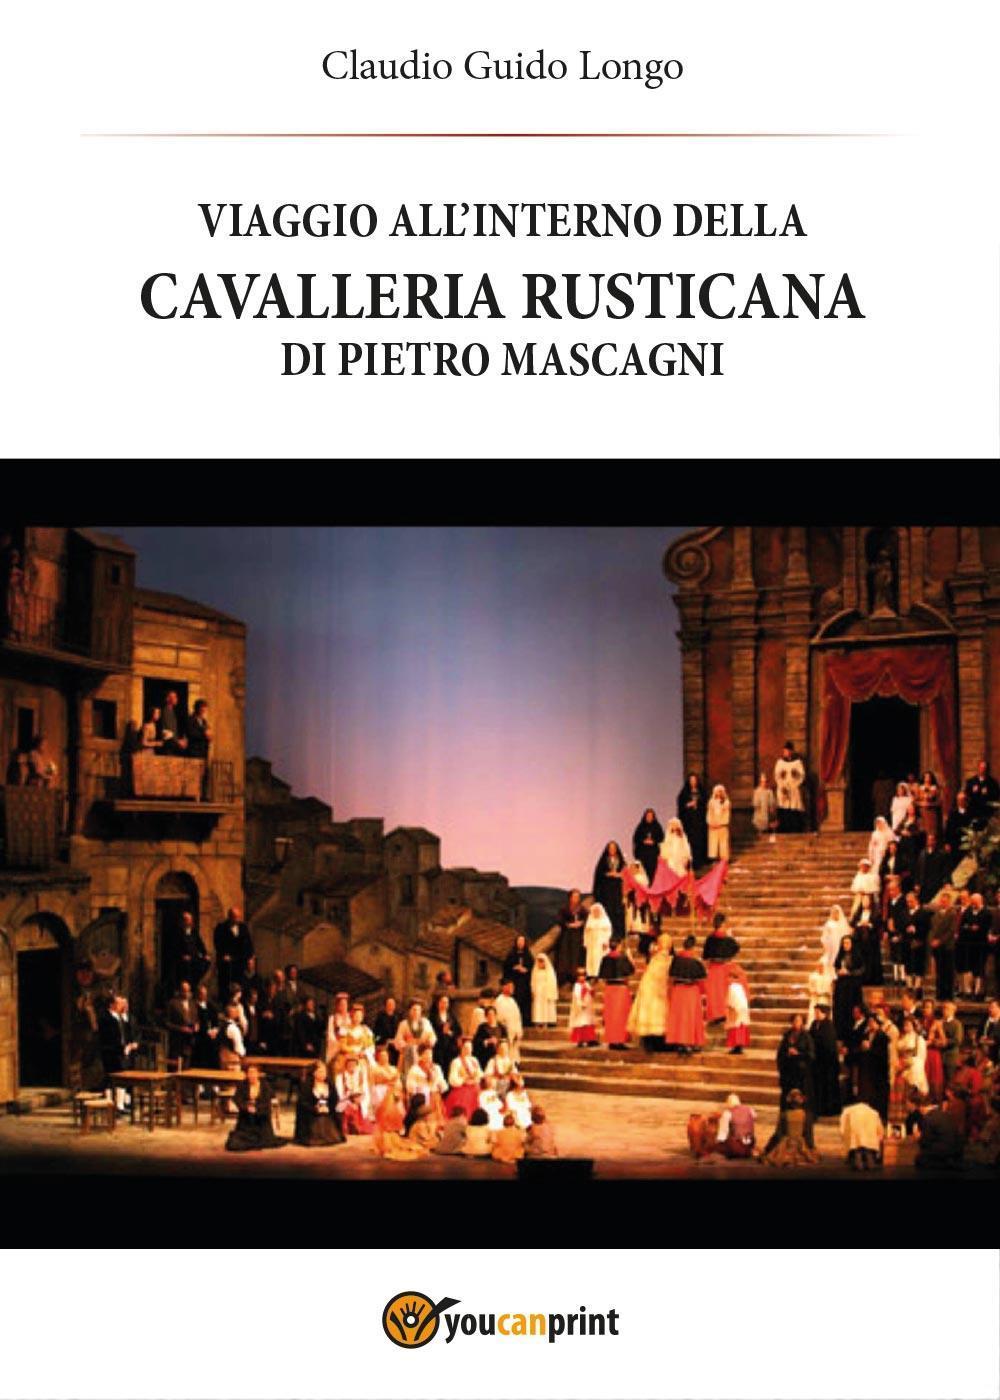 Viaggio all'interno della Cavalleria Rusticana di Pietro Mascagni